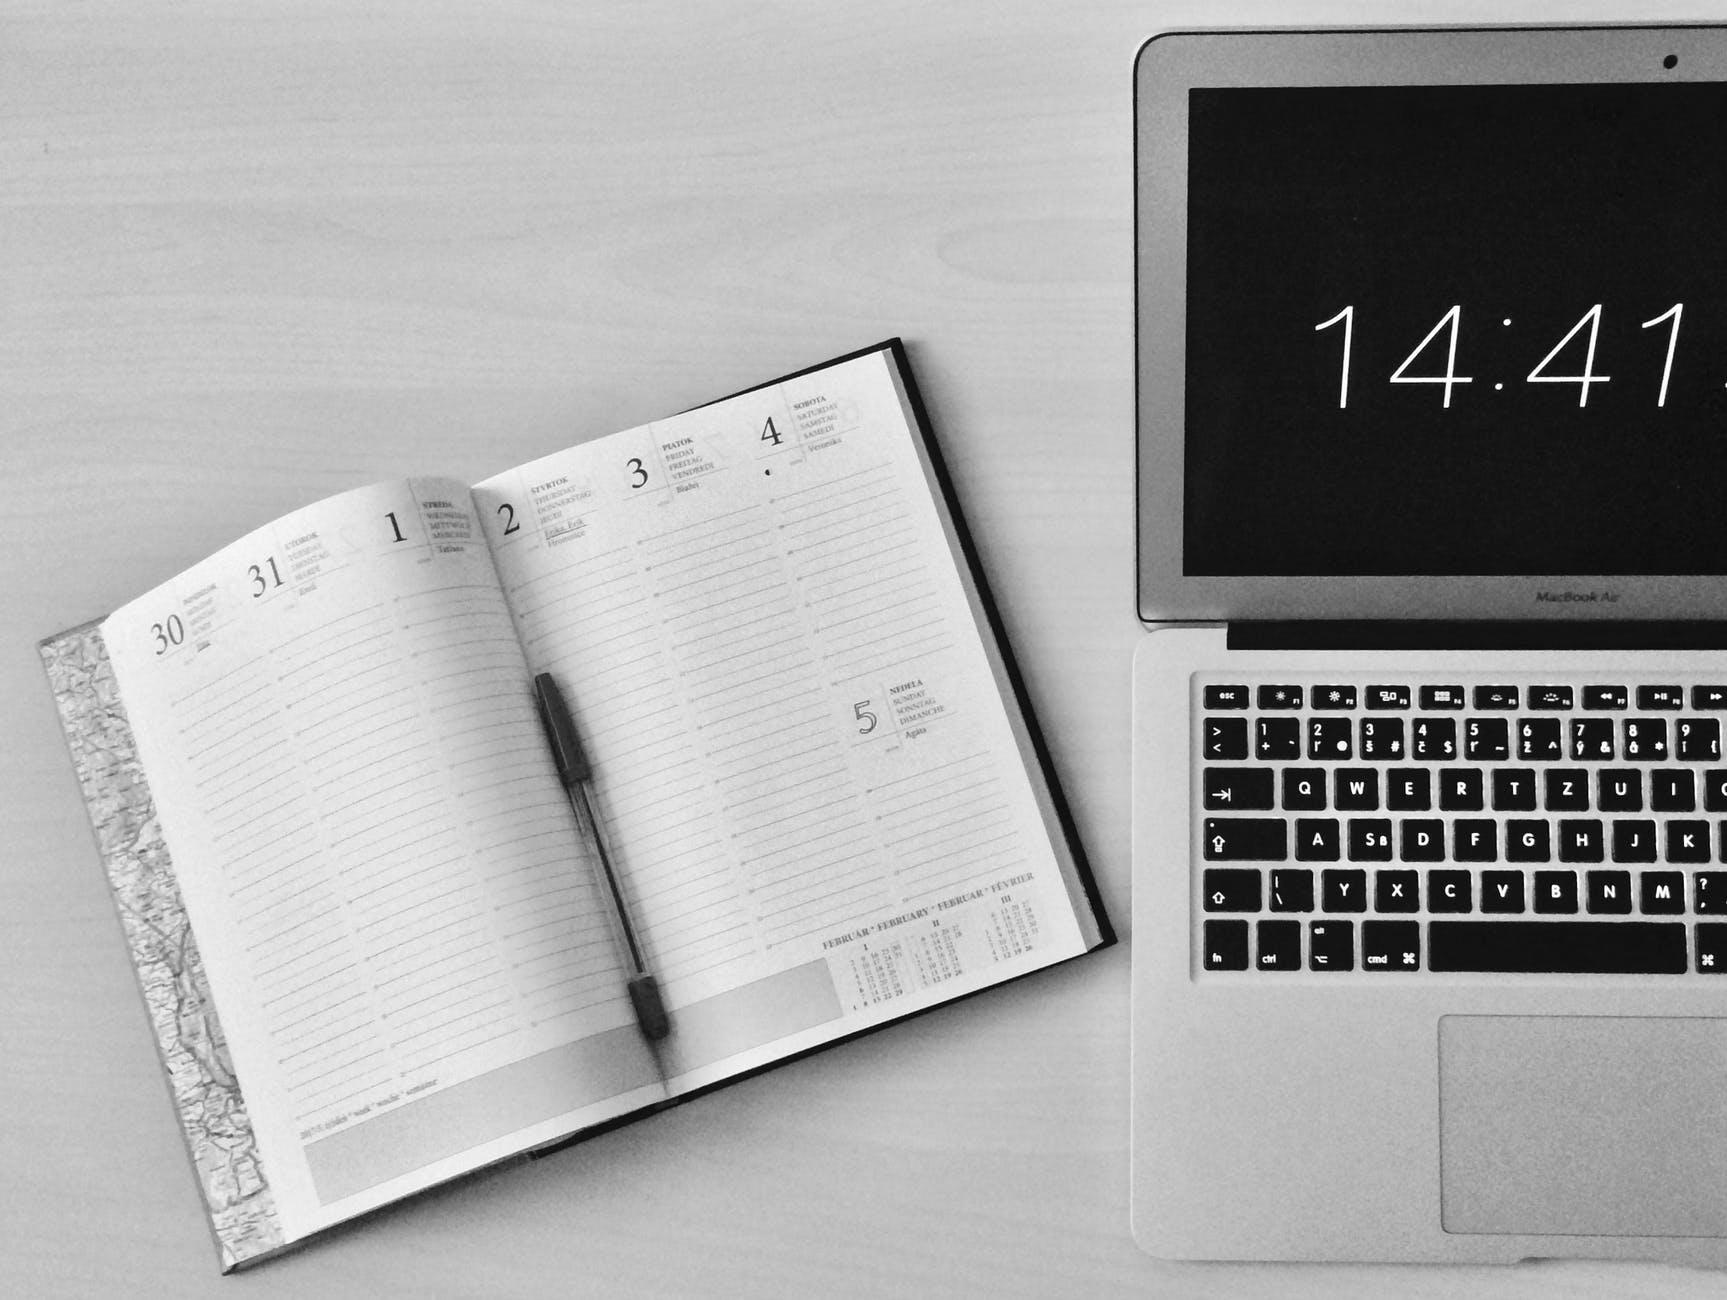 agenda e computador-1